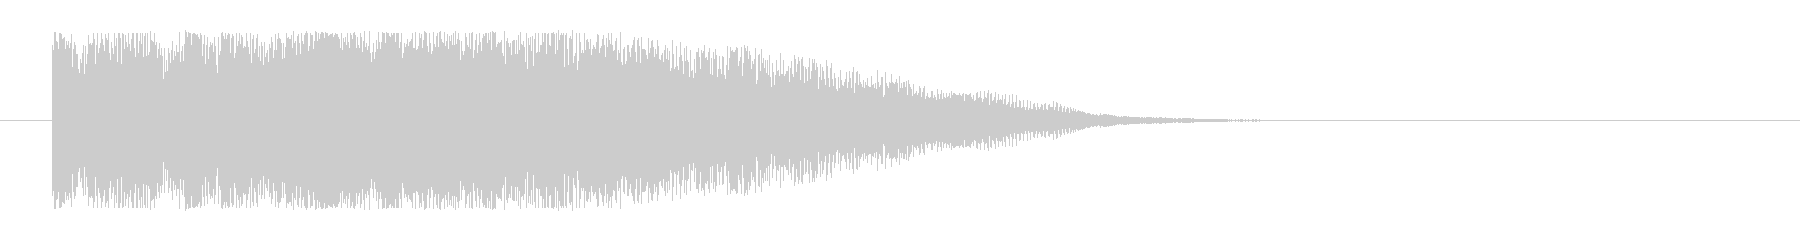 タンタンタンというきれいなロゴの未再生の波形